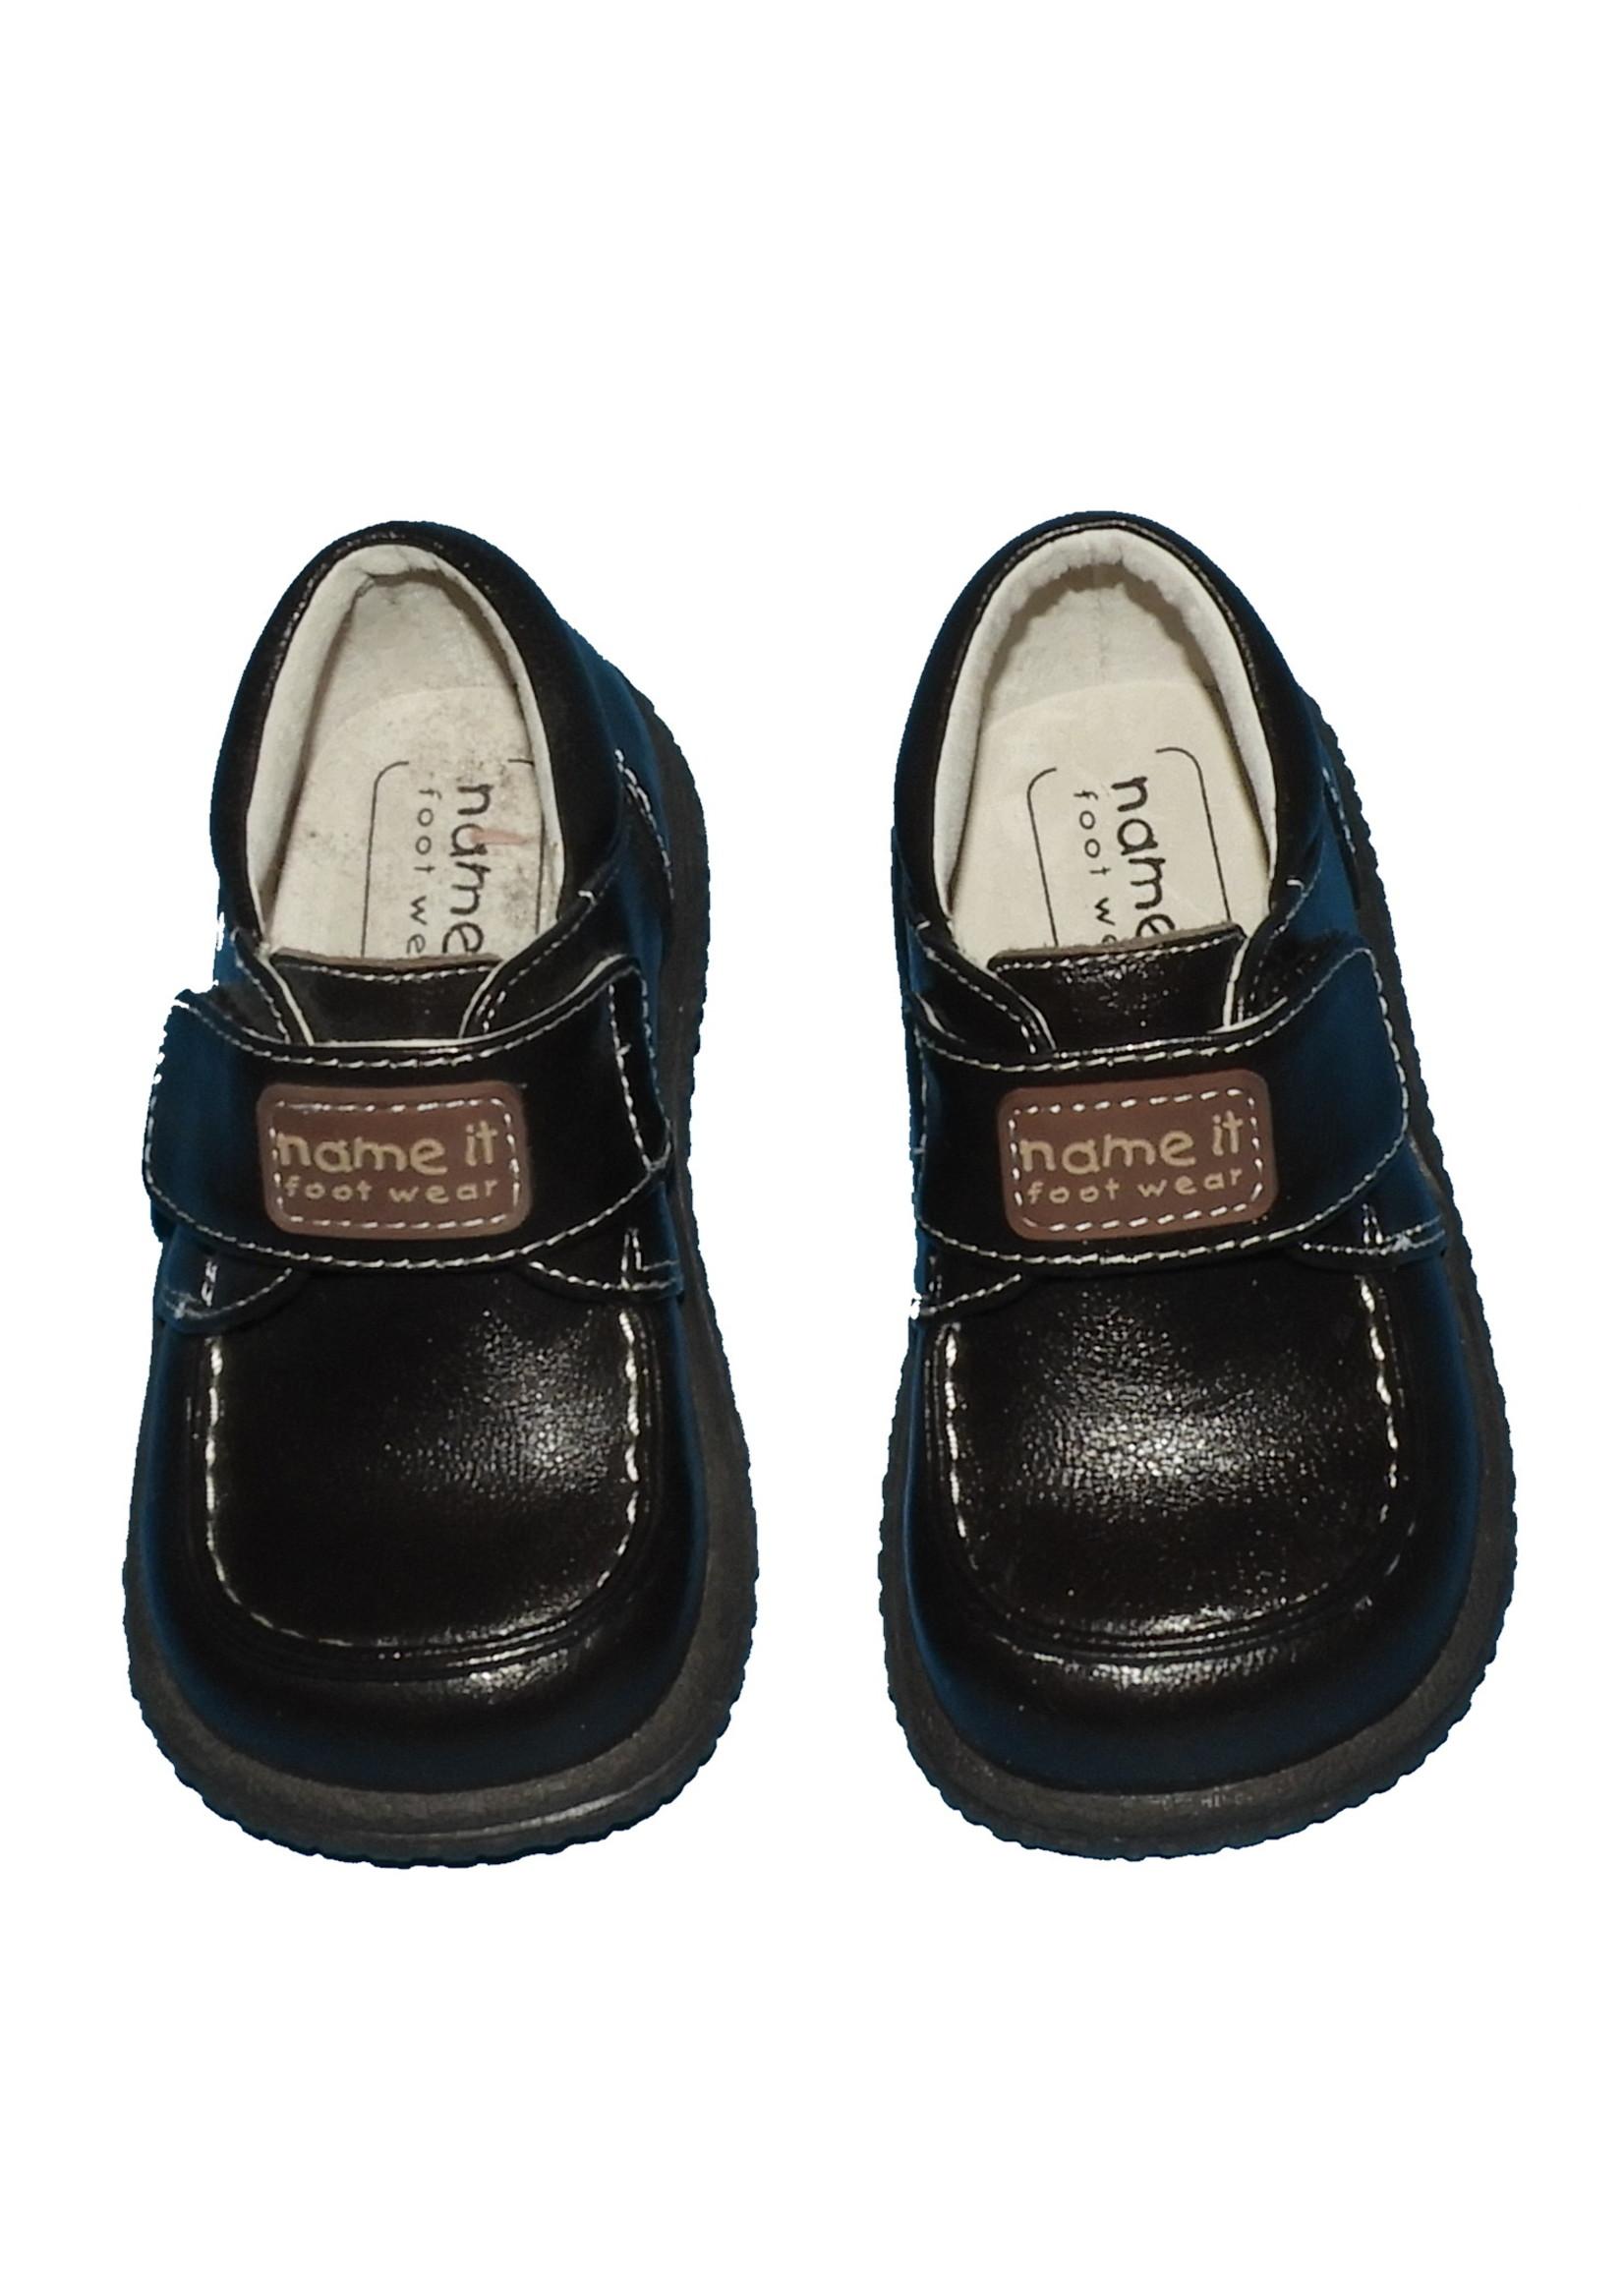 Name it schoenen maat 19 t/m 23